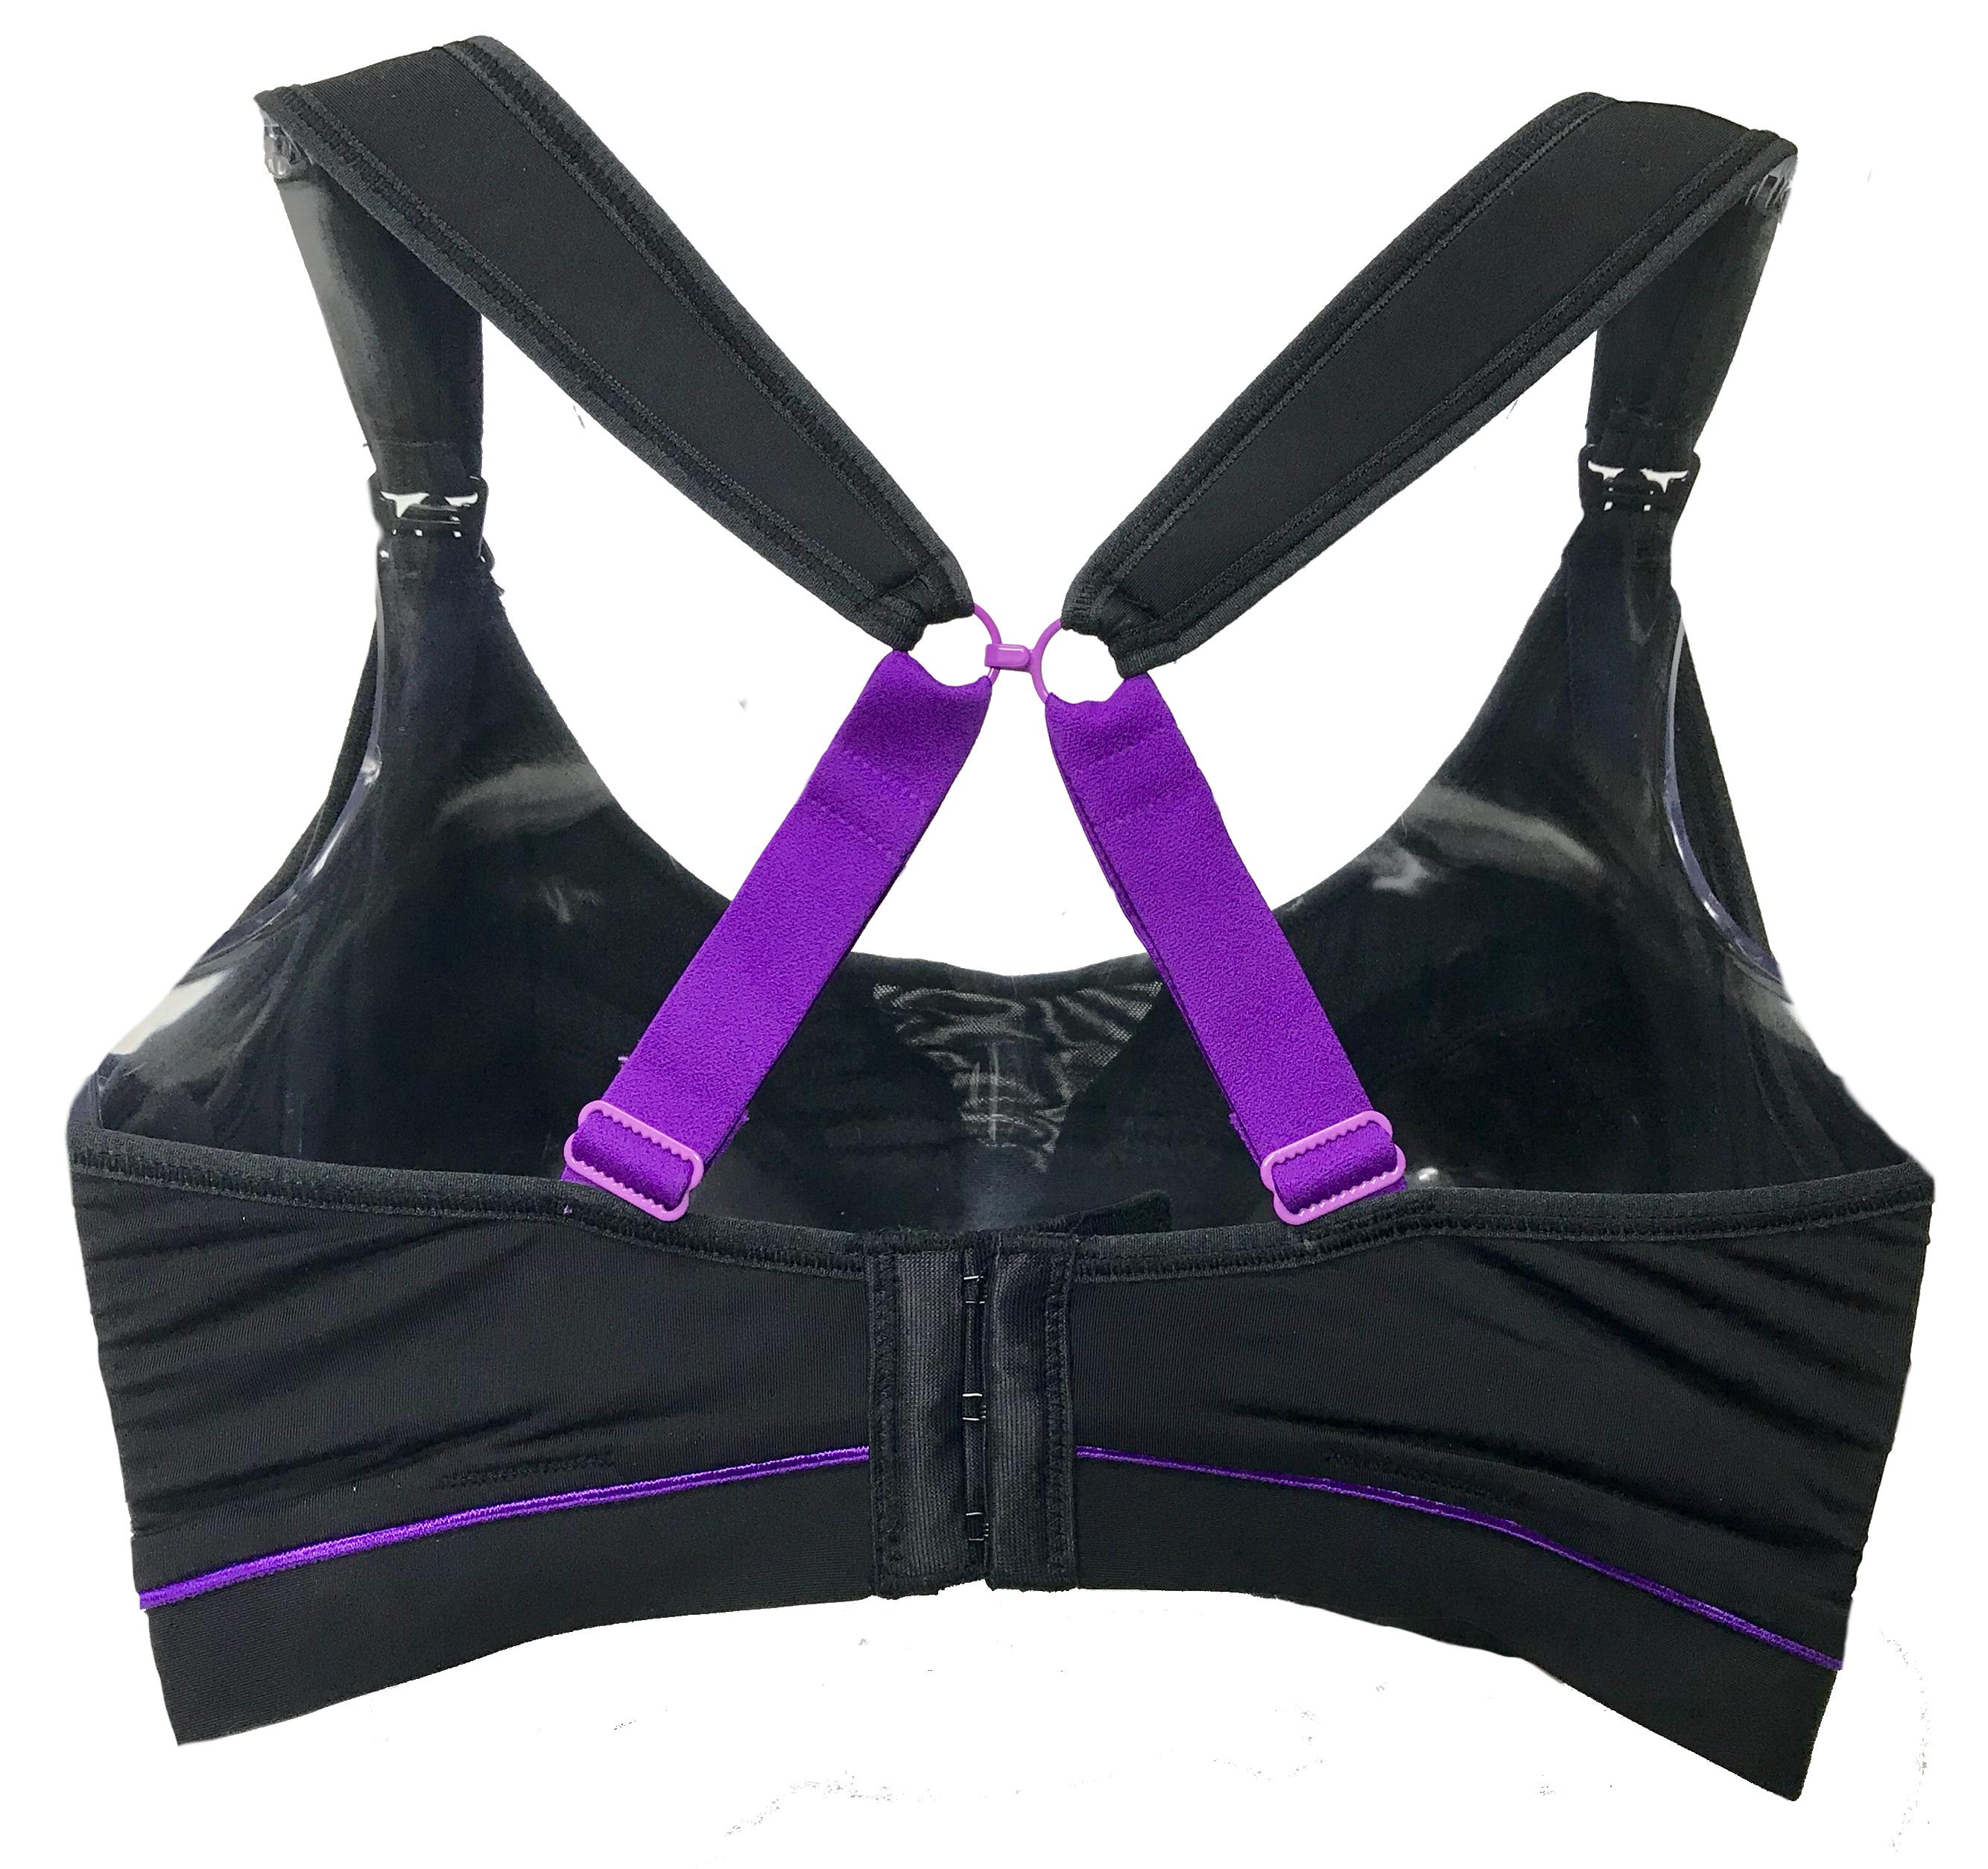 qt-venus-padded-sports-nursing-bra-black-n3362-6